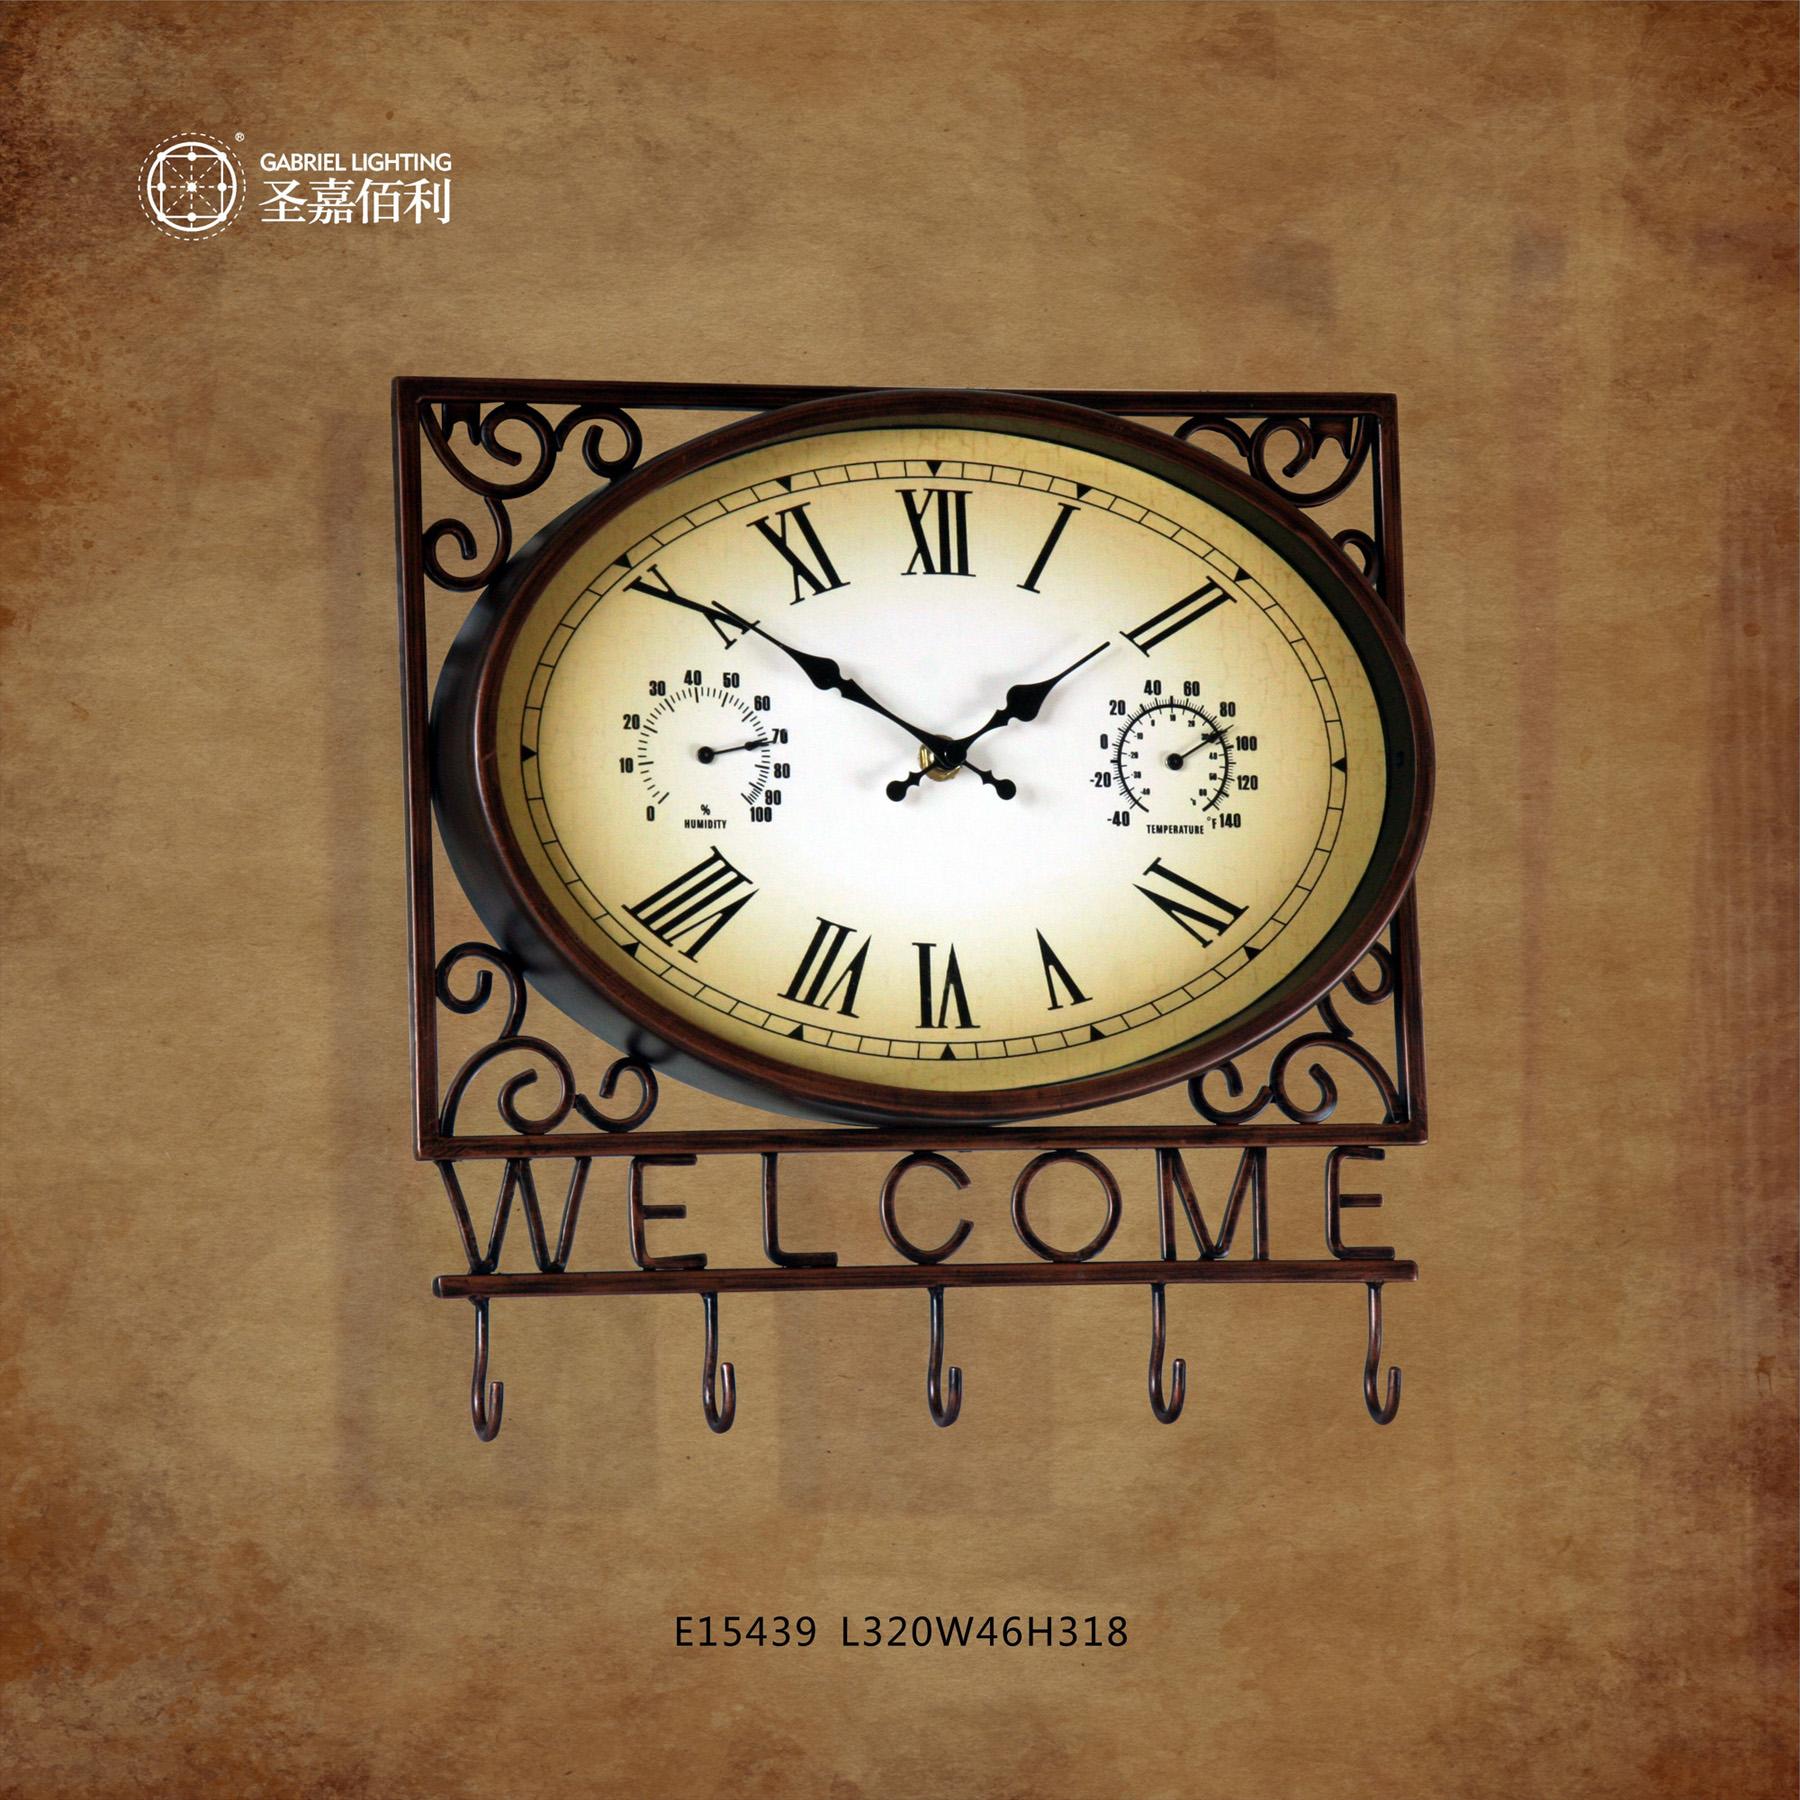 欧式钟表的铜质才质具有欧式复古的风格,体现了欧式的贵族与神秘气息~~成为独树一帜的古典气韵。其钟表上的罗马数字尊贵典雅,标志着一种古代文明的进步。